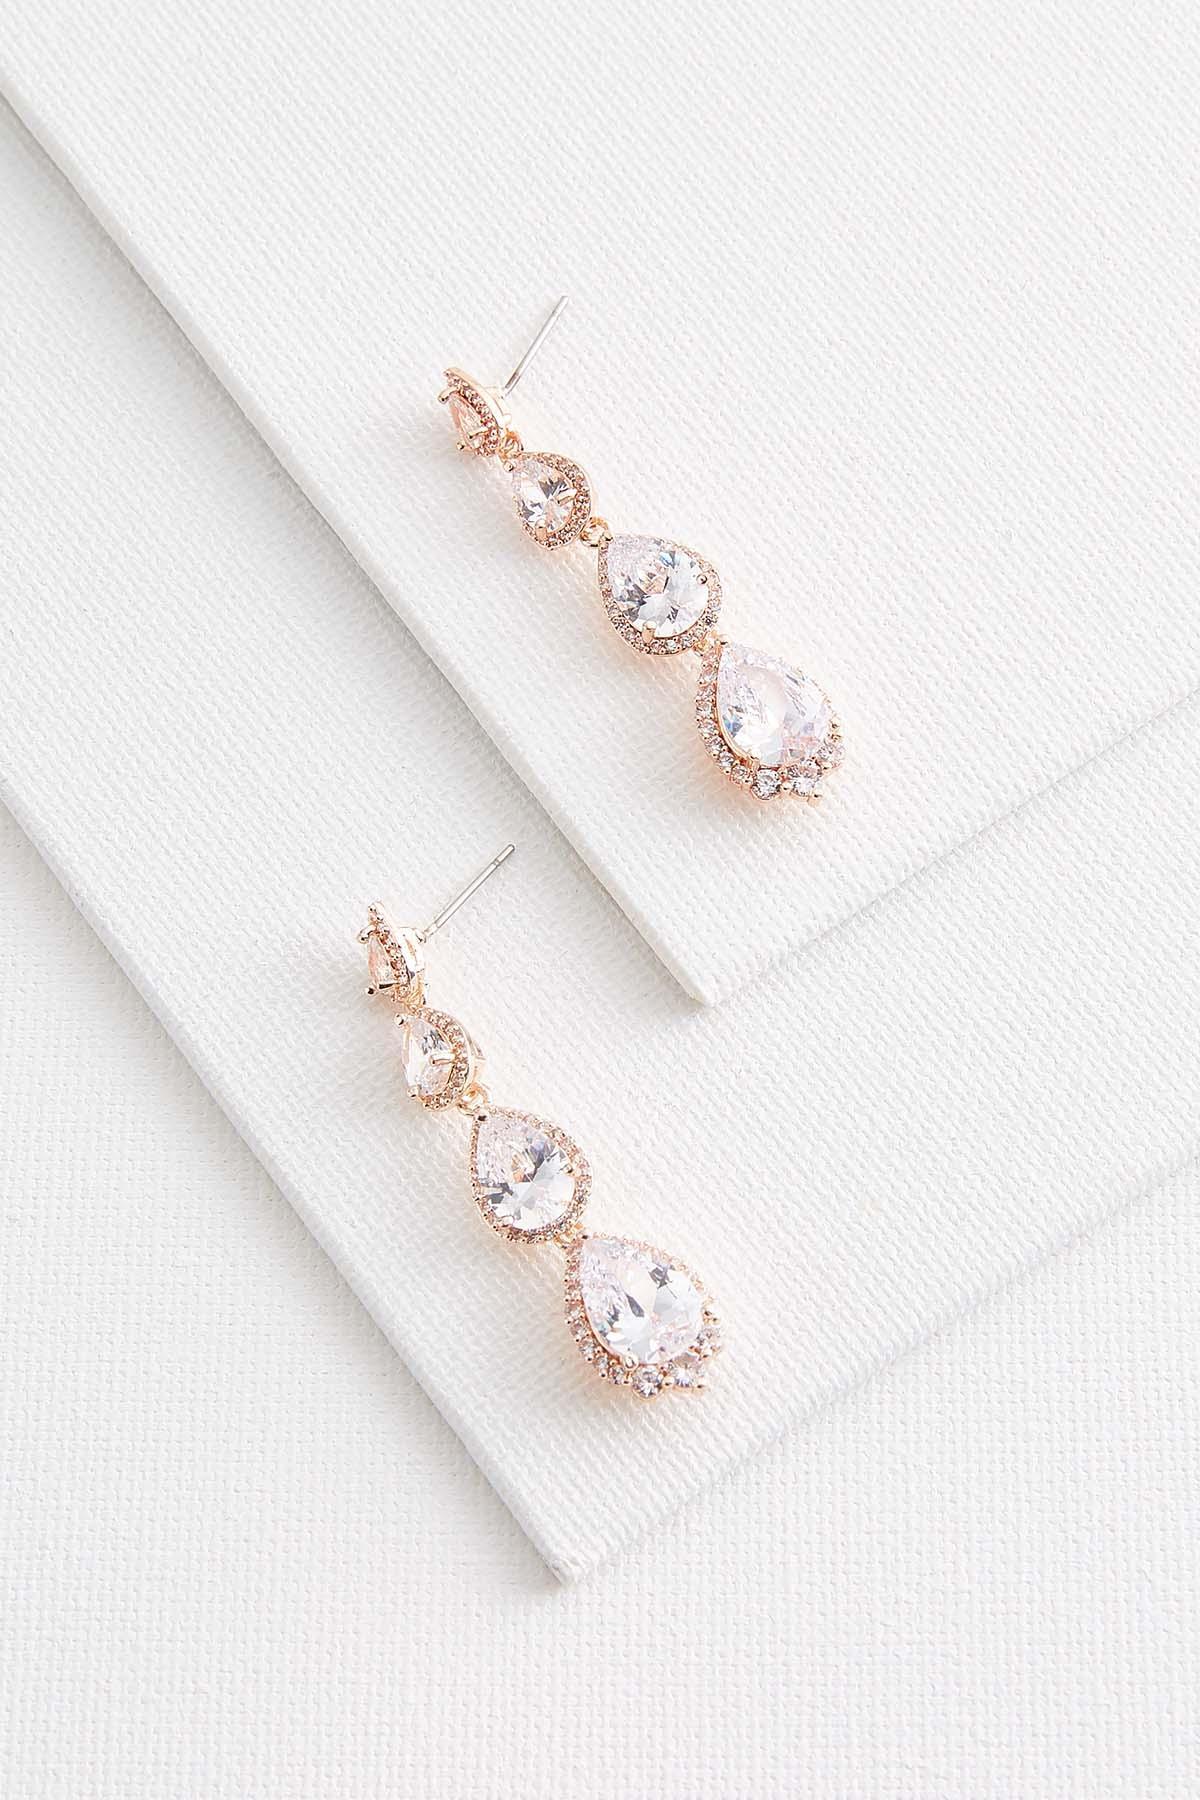 Tear Shaped Rose Gold Earrings